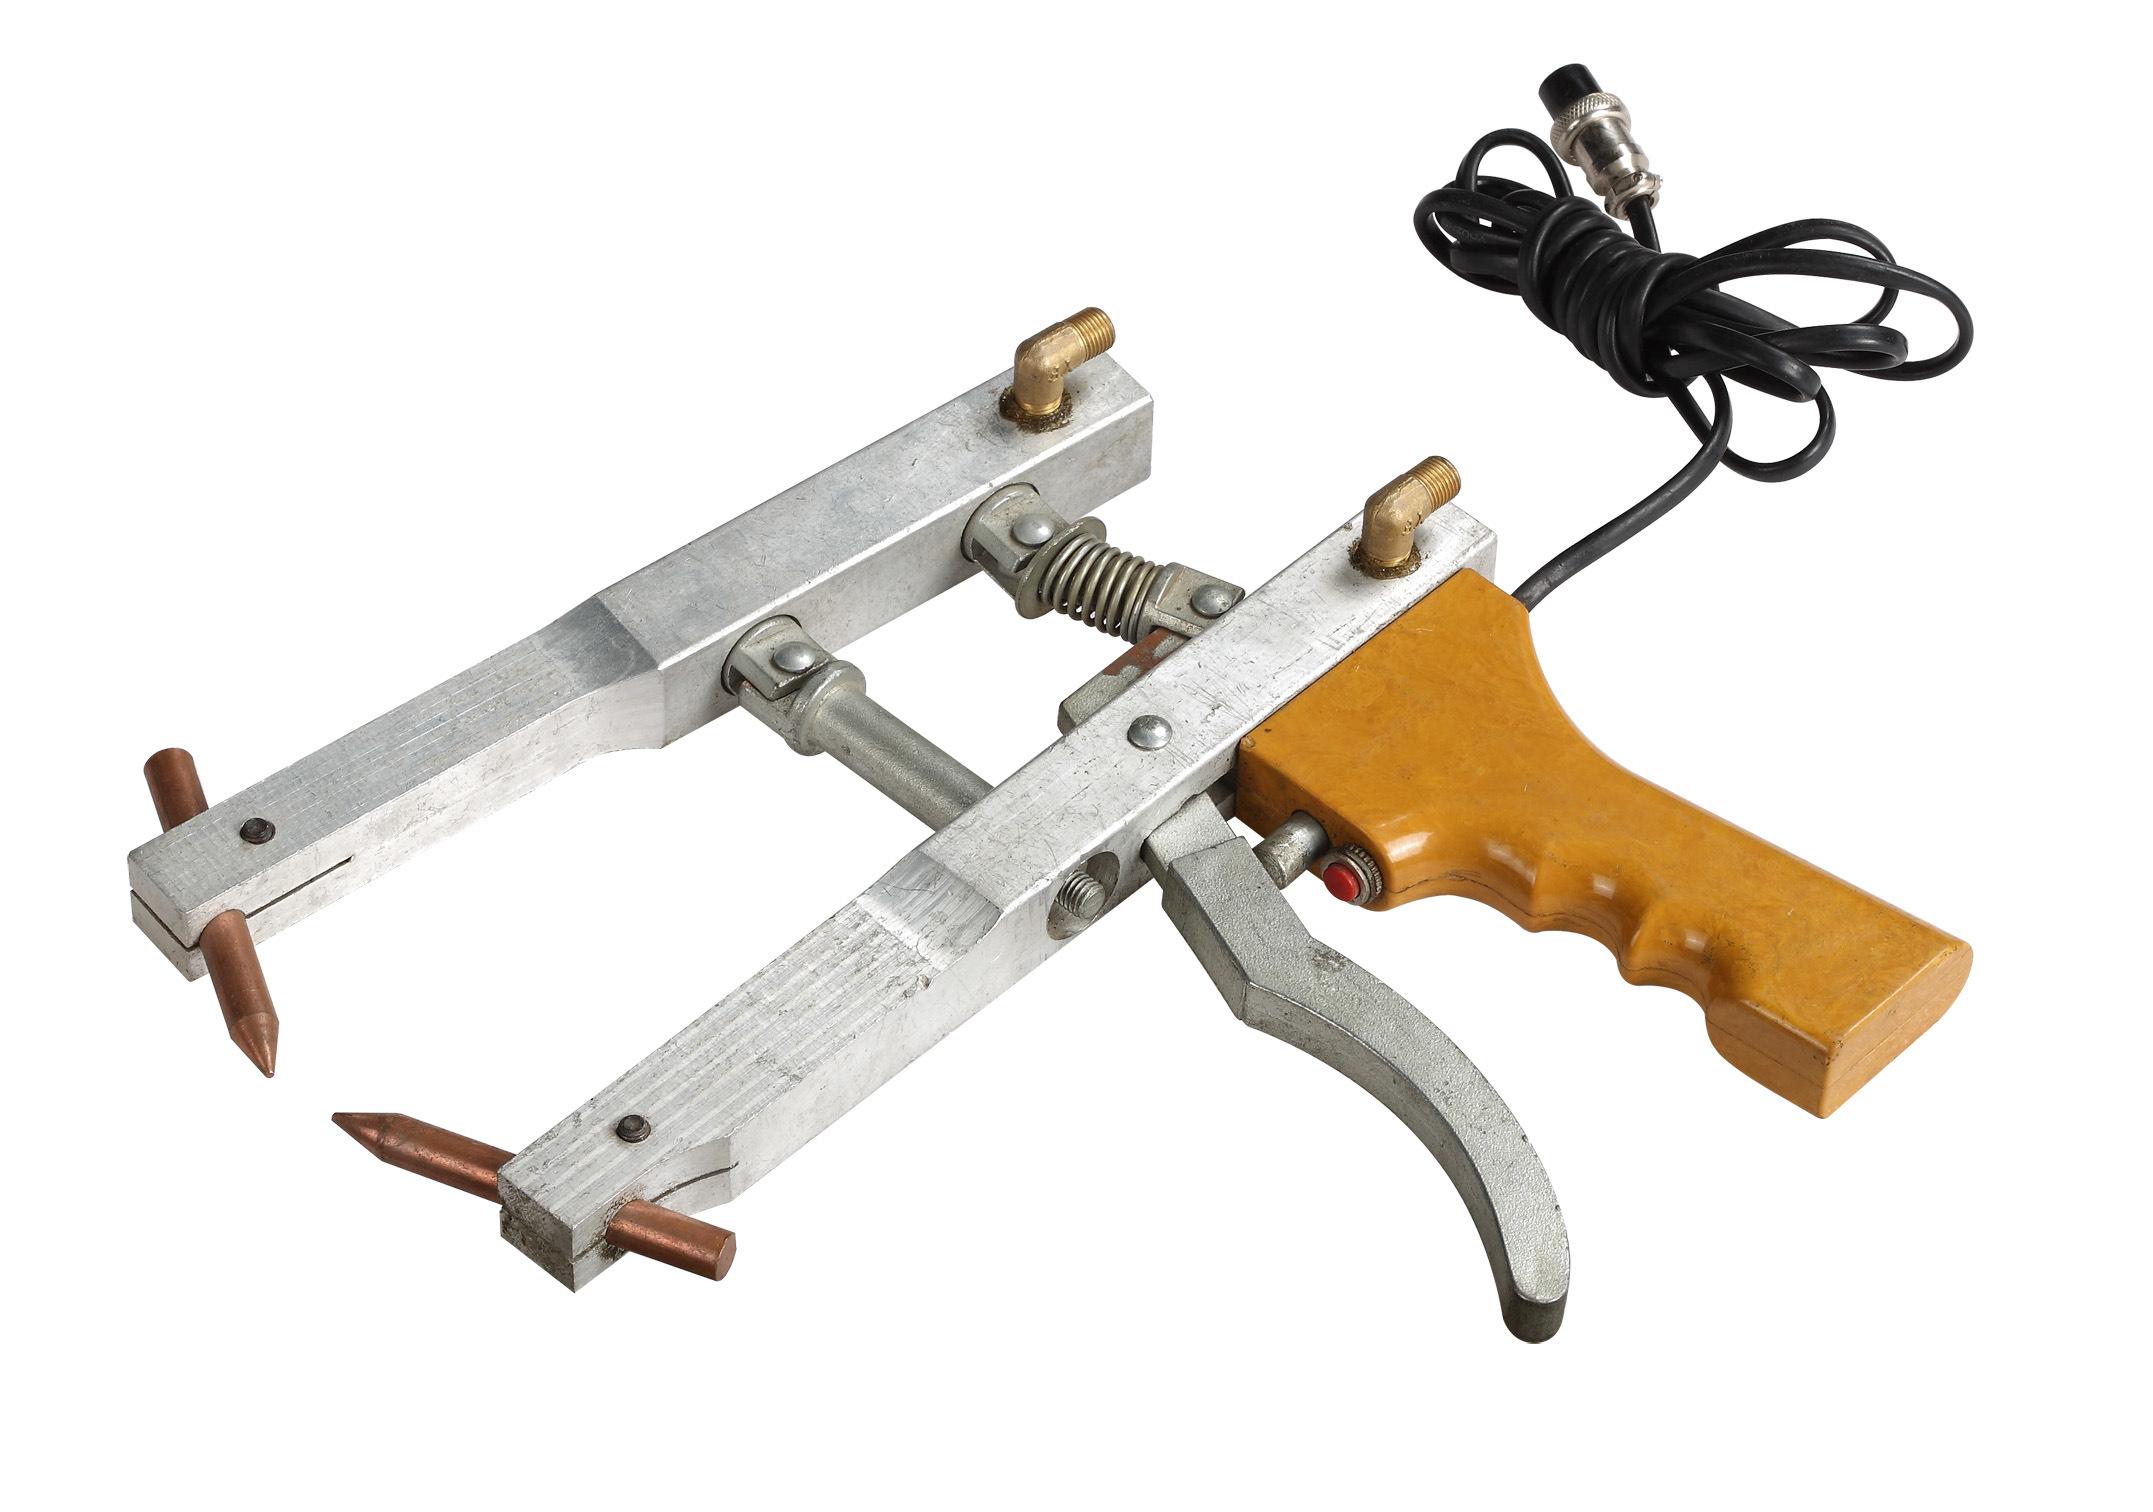 Hand Held Movable Spot Welder Hand Held Spot Welding Machine